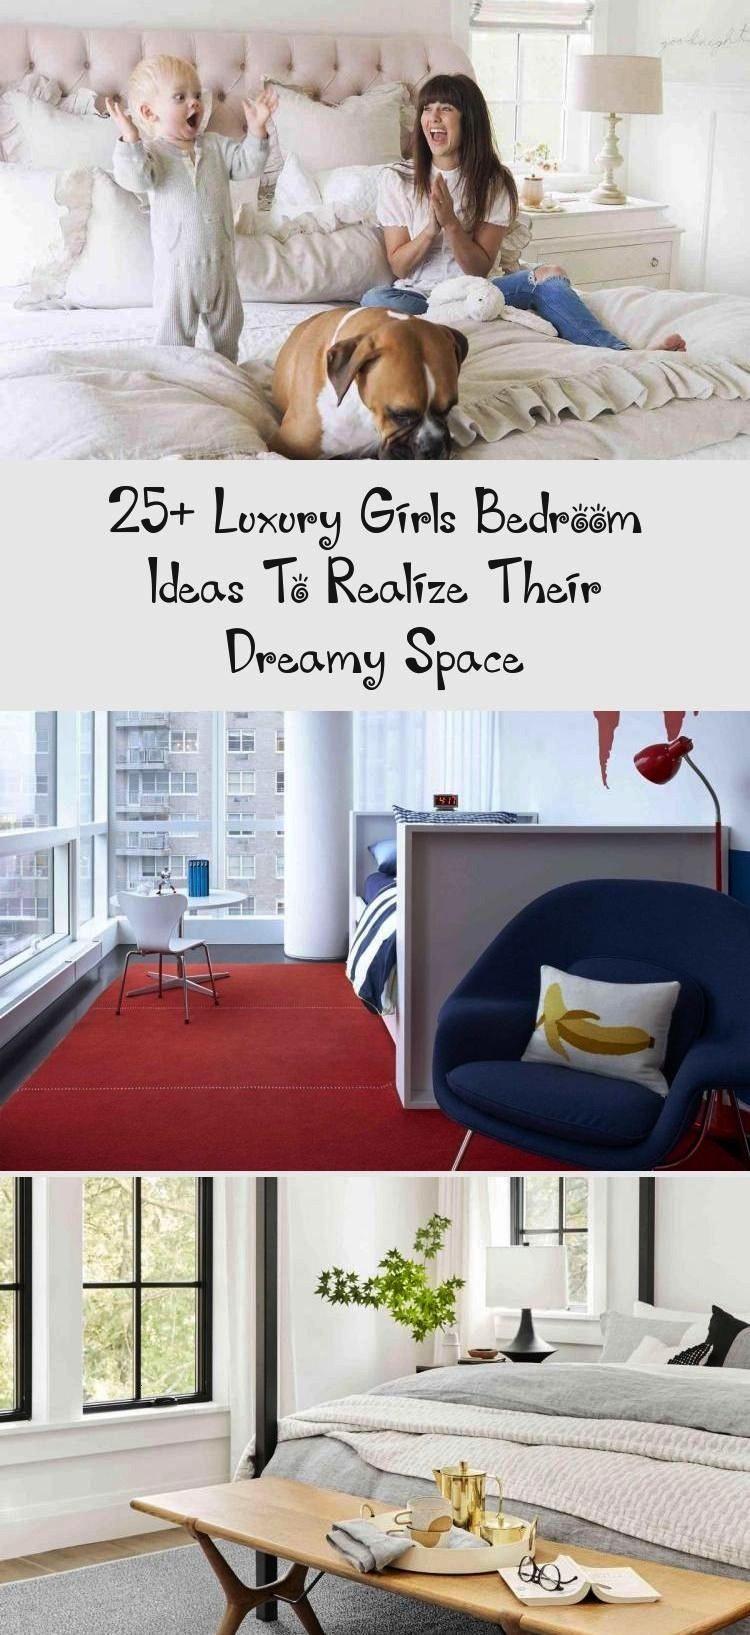 de 25 ideas de dormitorio de lujo para chicas para realizar su espacio soñador  DECORACIÓNchicasMás de 25 ideas de dormitorio de lujo para chicas par...